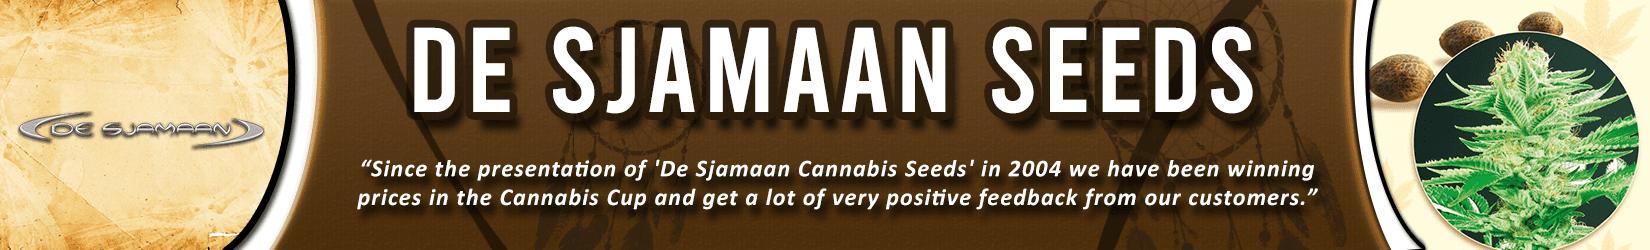 Cannabis Seeds Breeder - De Sjamaan Seeds